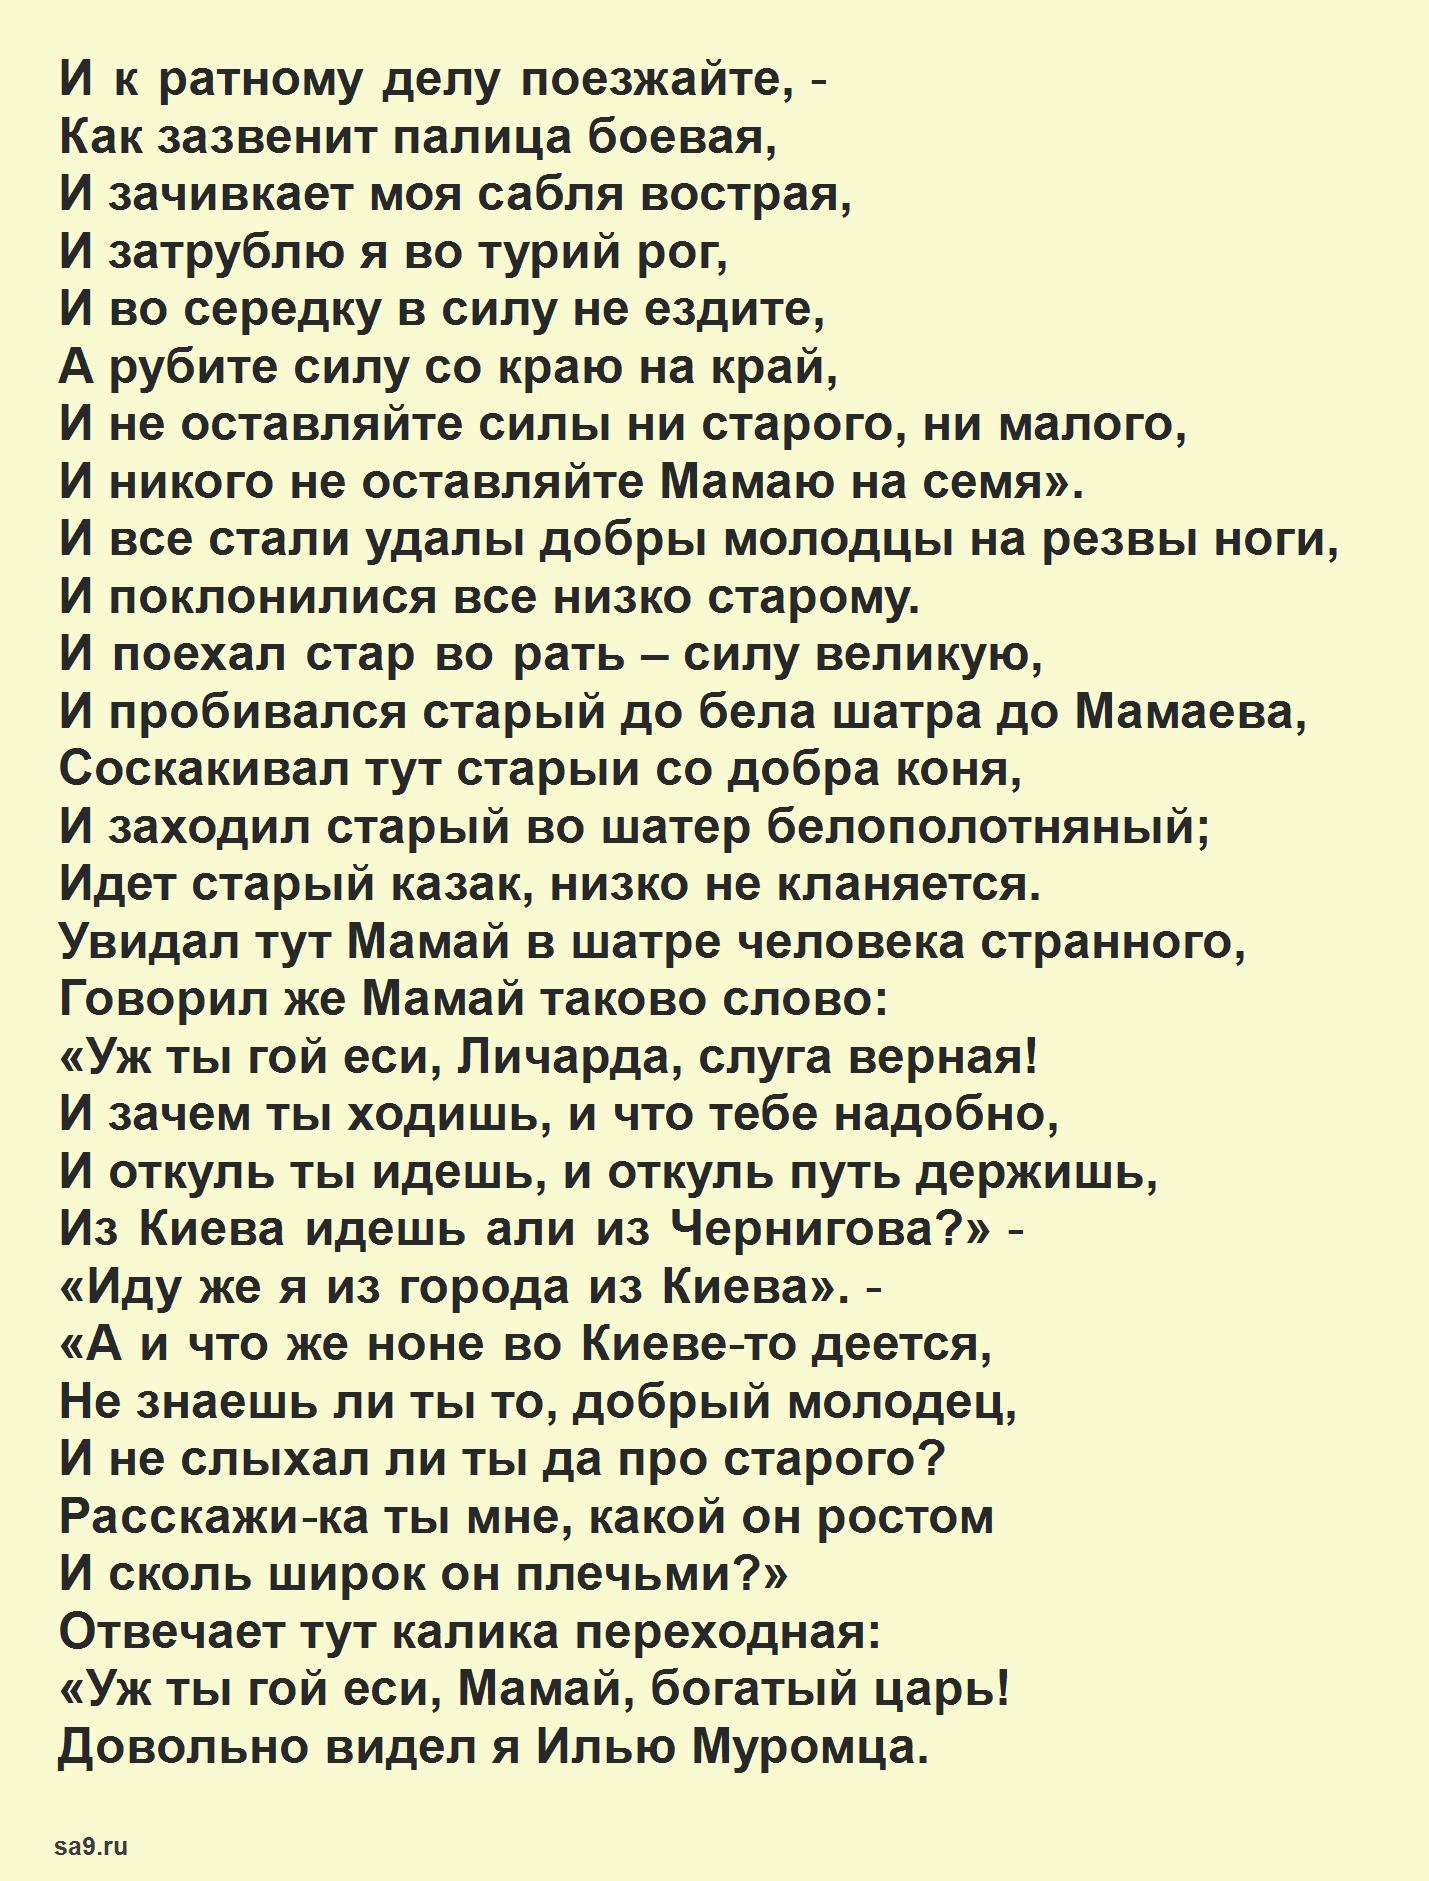 Читать русскую народную былину - Мамаево побоище